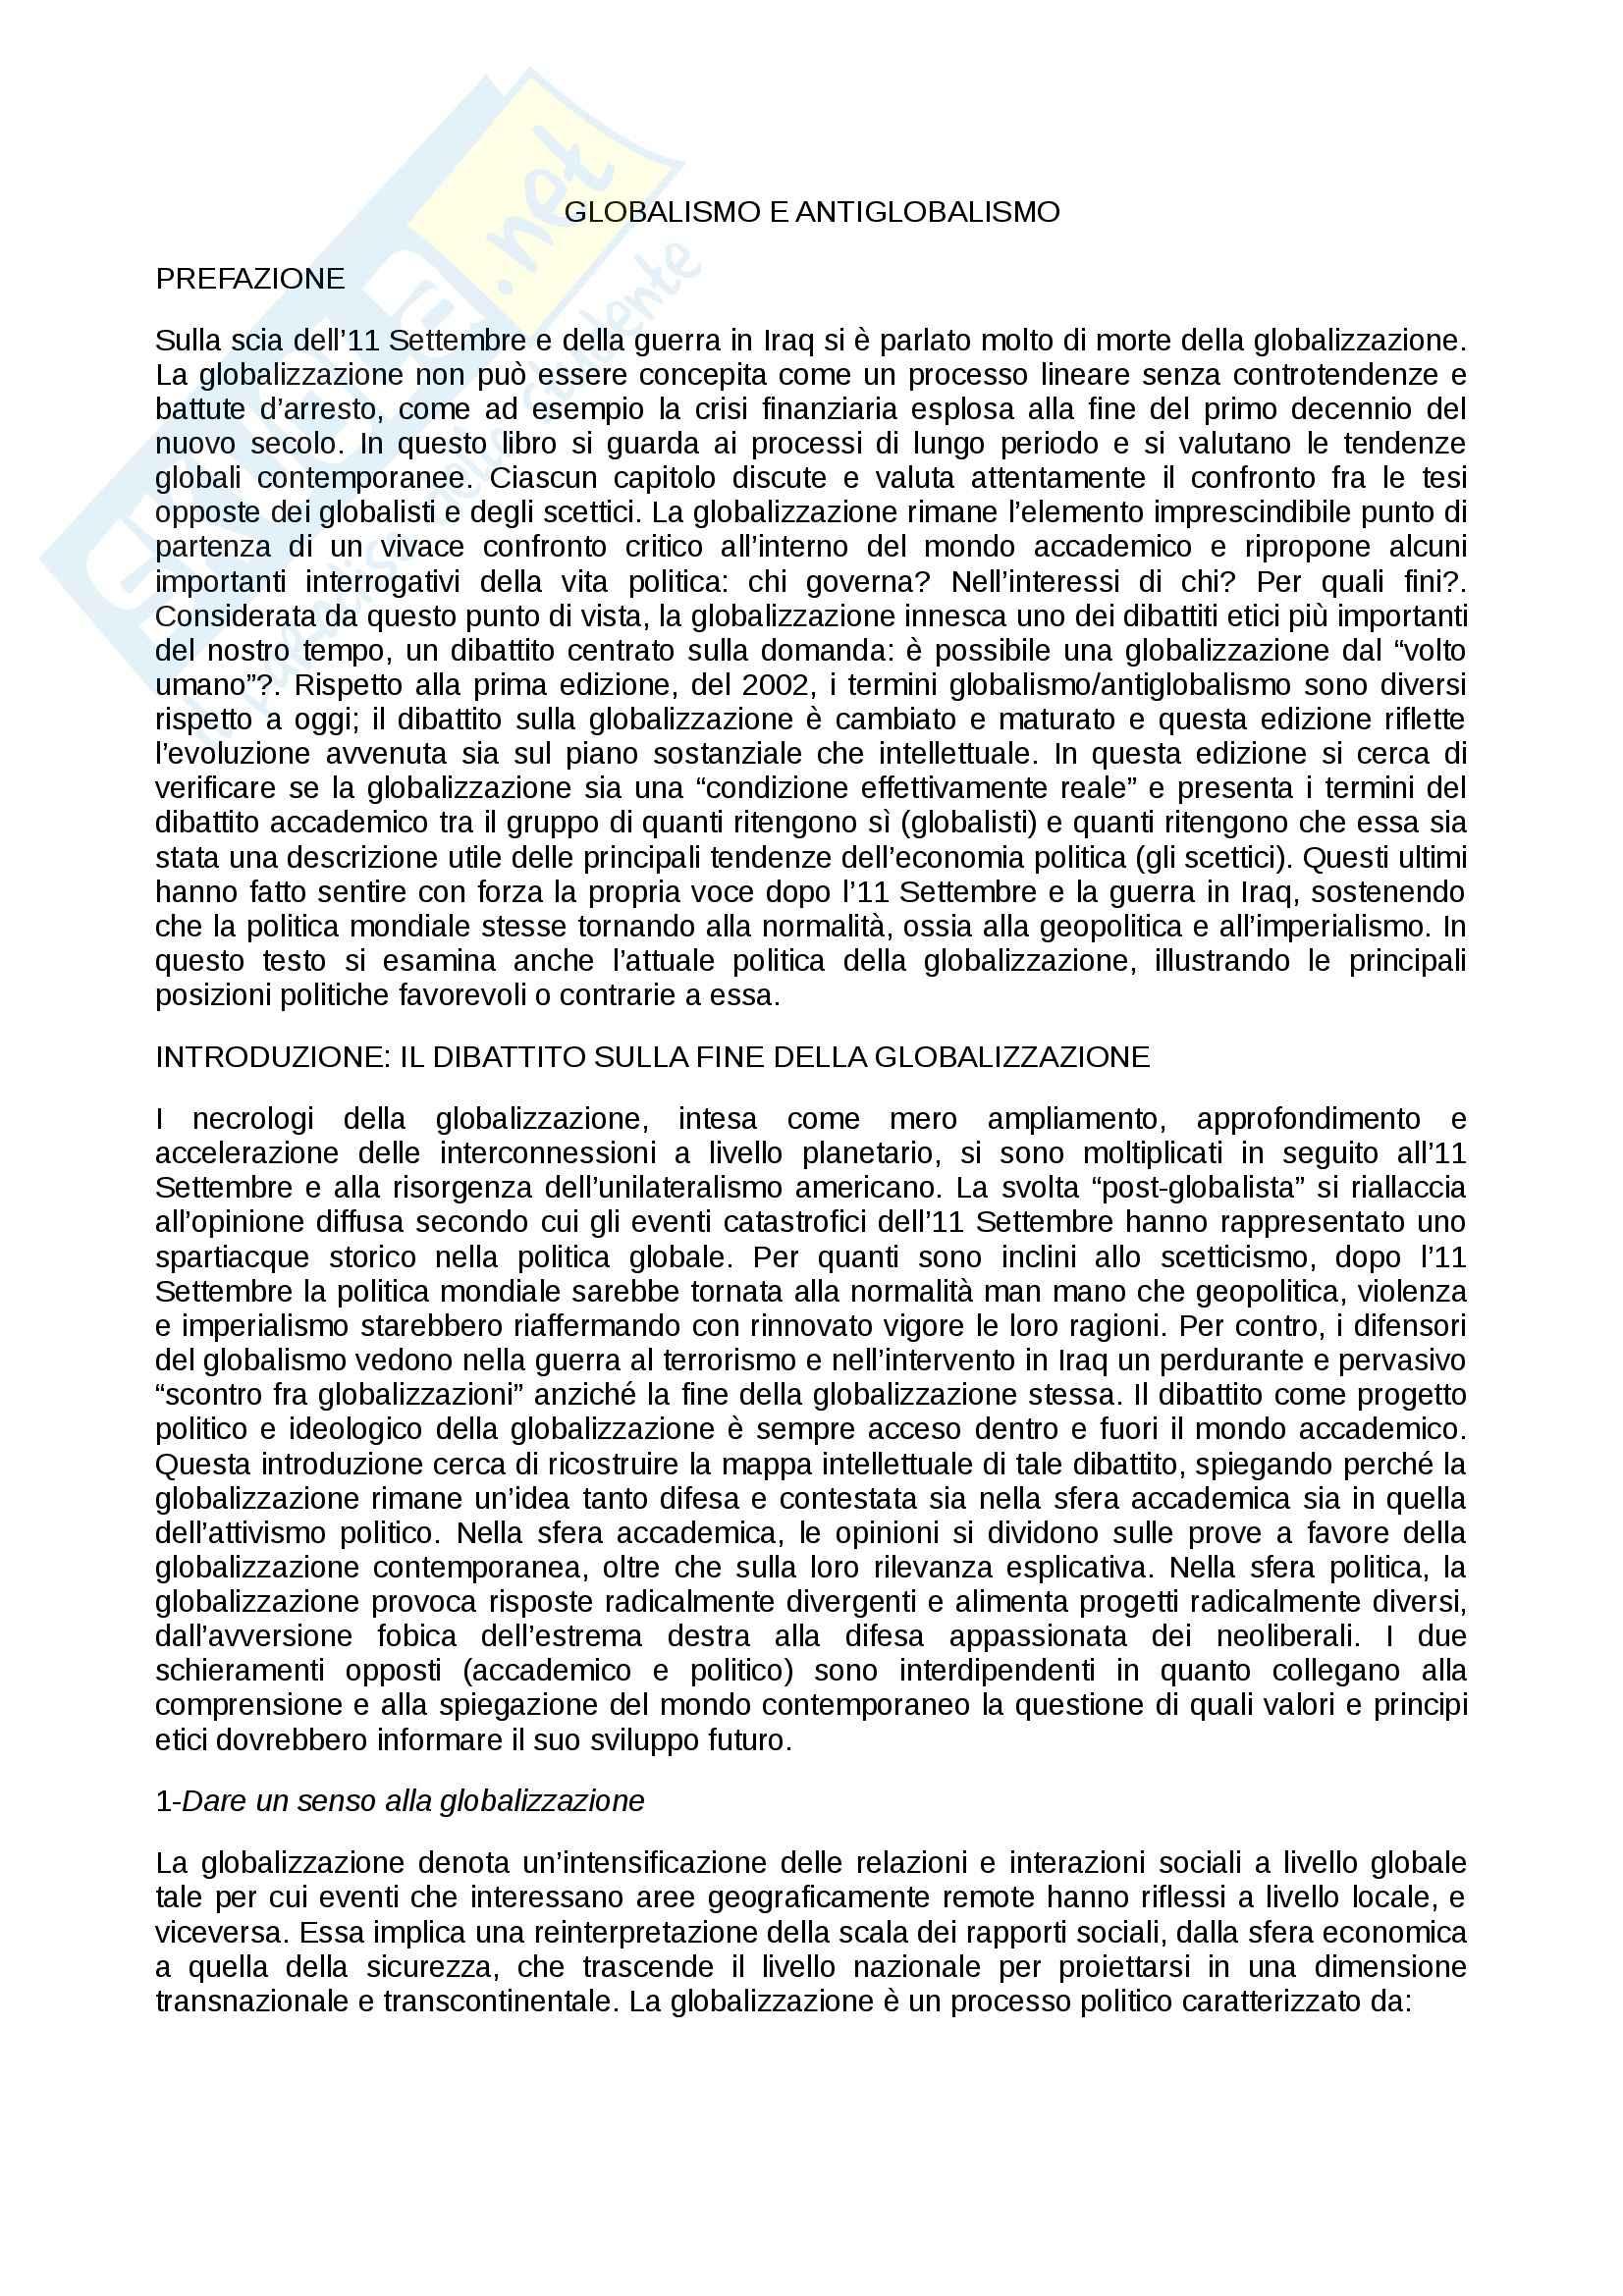 Riassunto esame Globalizzazione, prof. Codagnone, libro consigliato Globalismo e Antiglobalismo, Held, Mc Grew